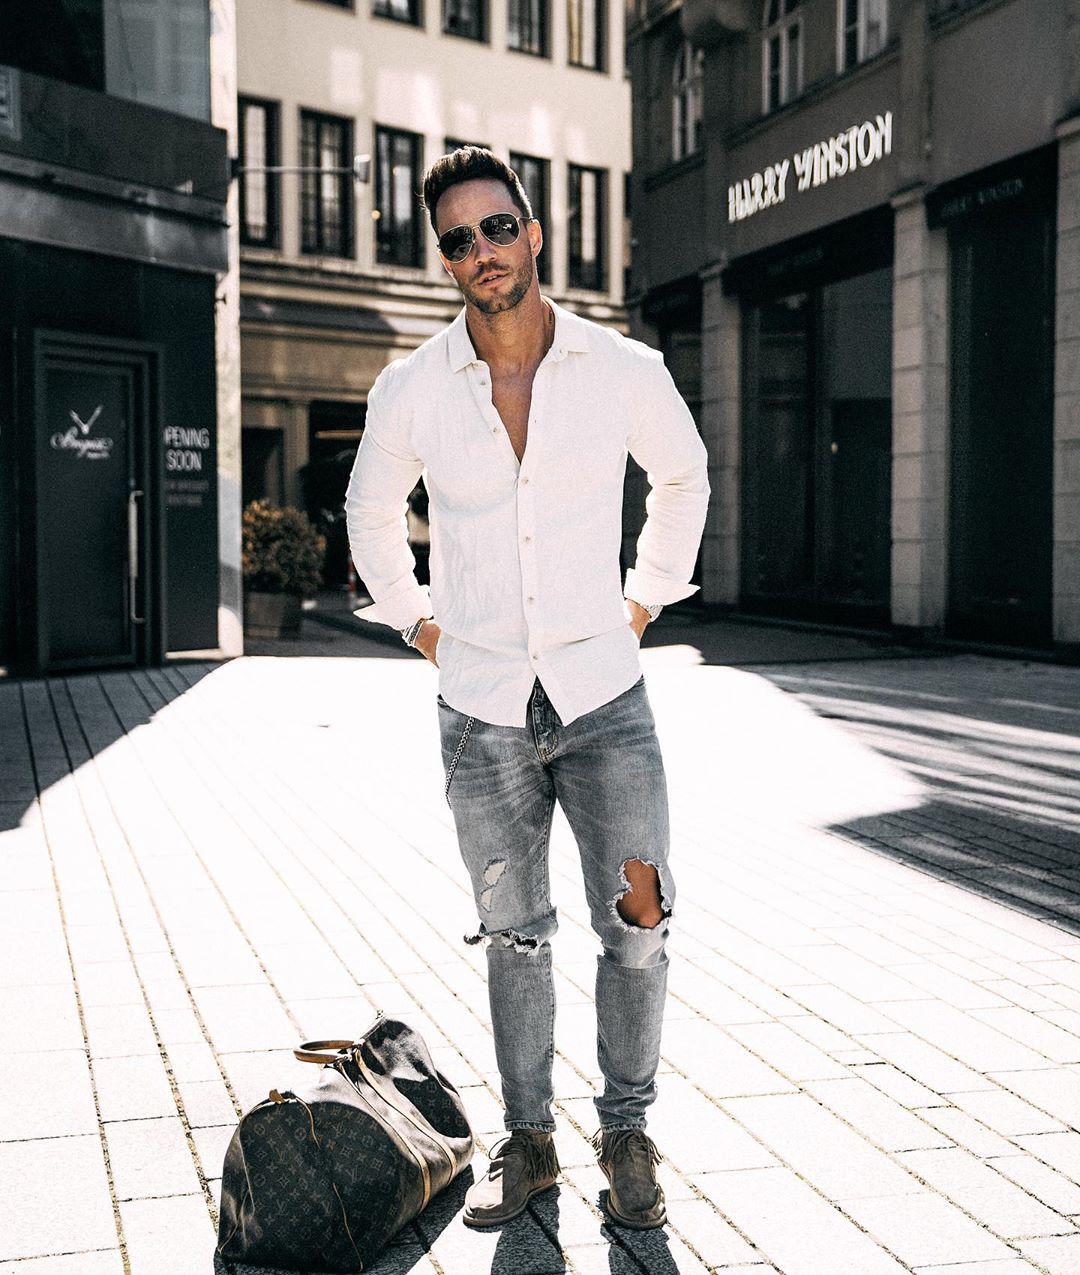 Xuống phố cực chất chơi và nam tính cùng 6 cách phối đồ với quần jeans mạnh mẽ